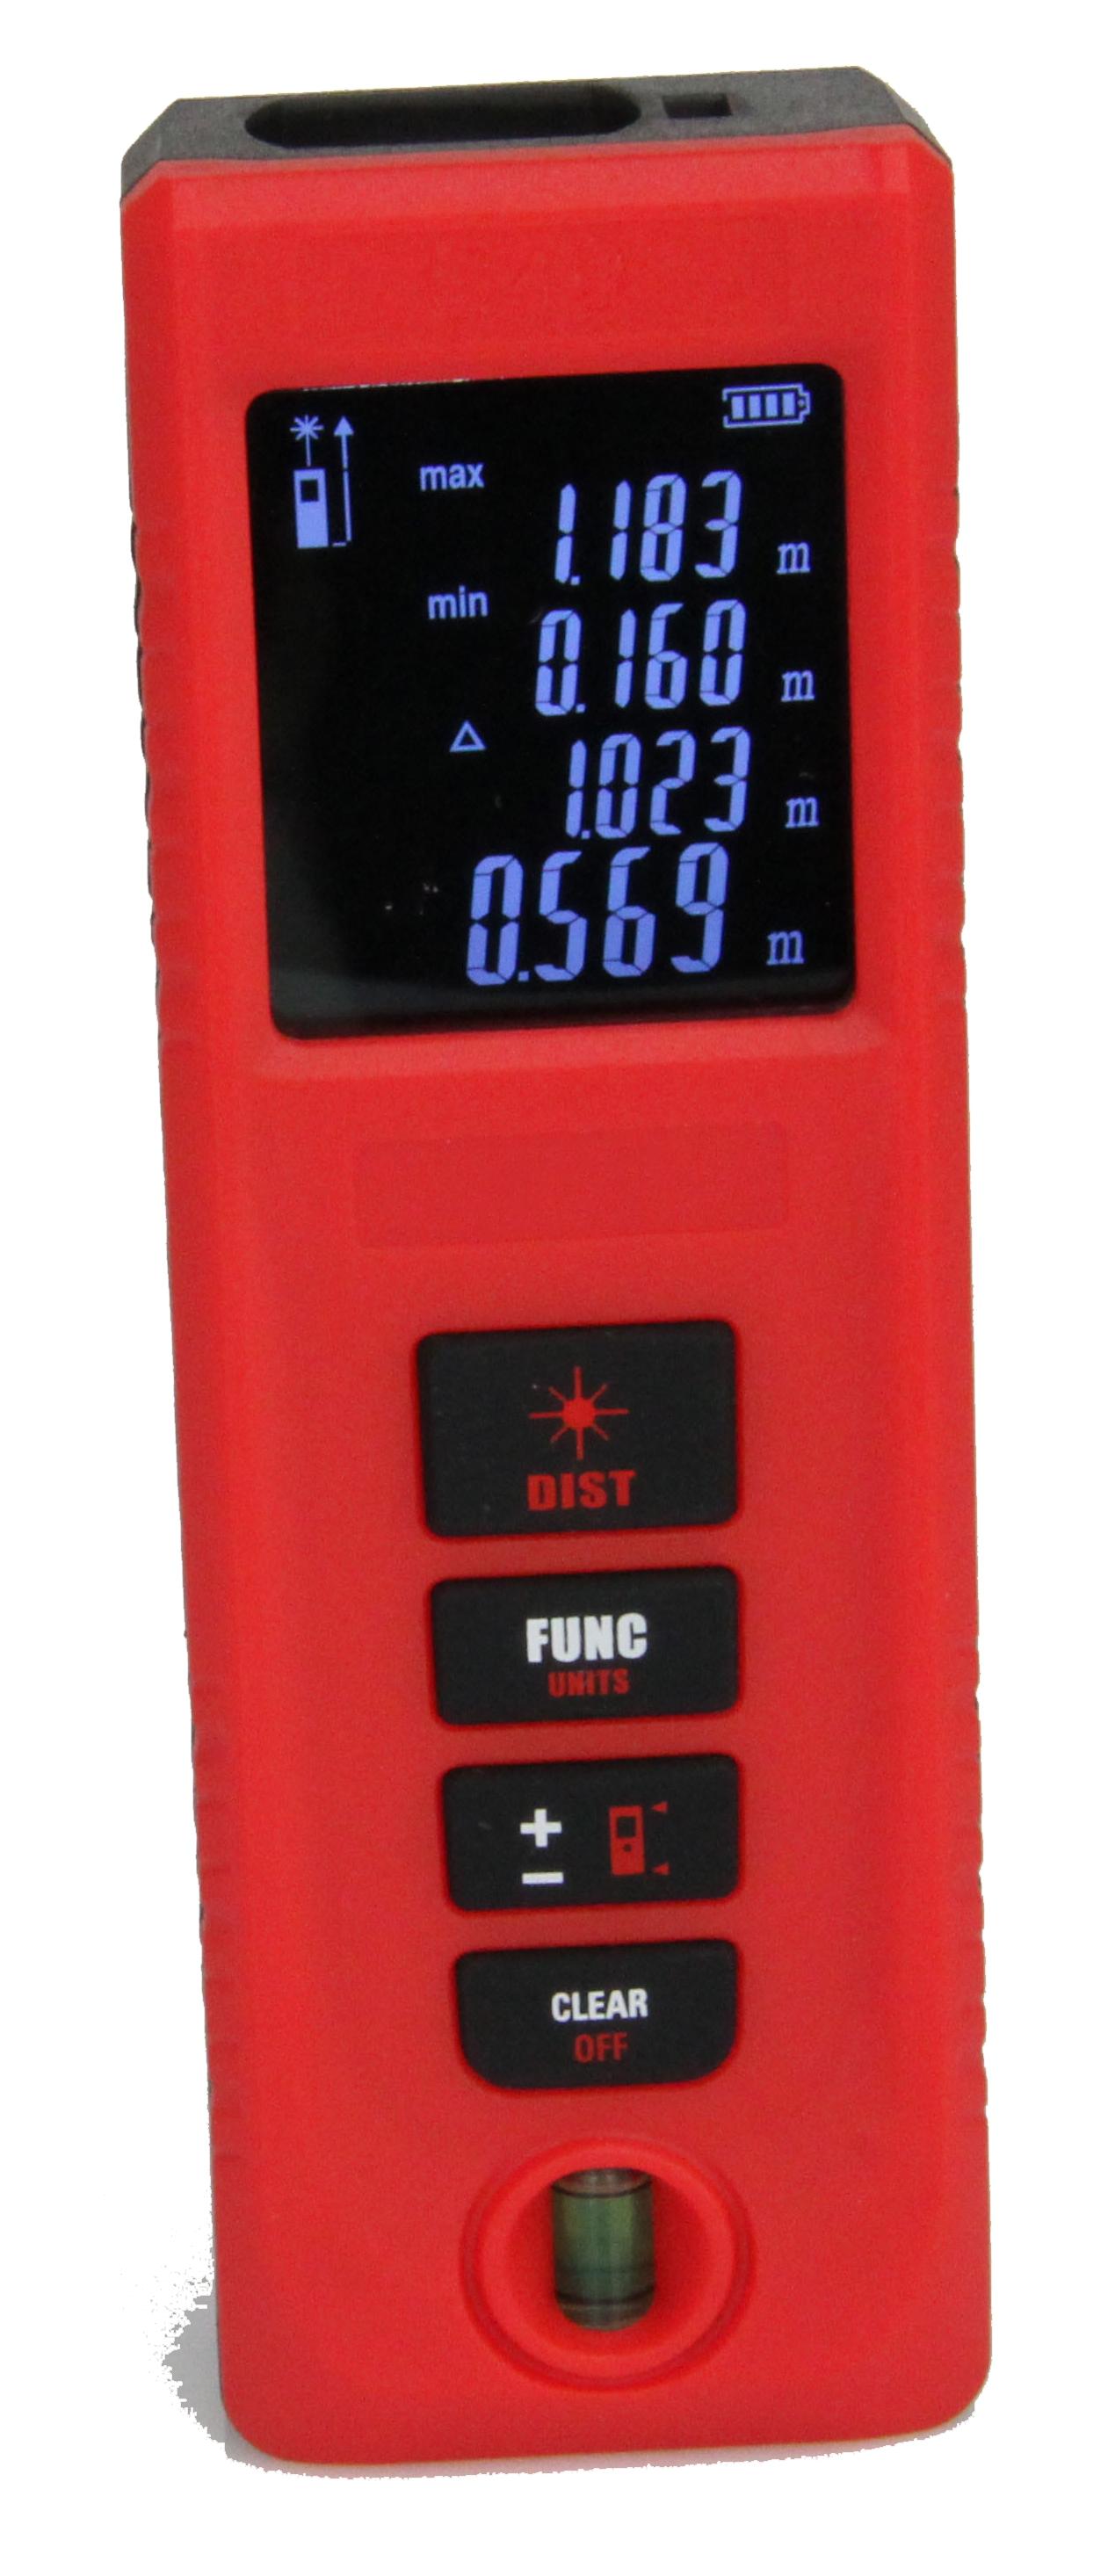 Comprar Medidor de distancias láser MDC40, MDC60 Y MDC100